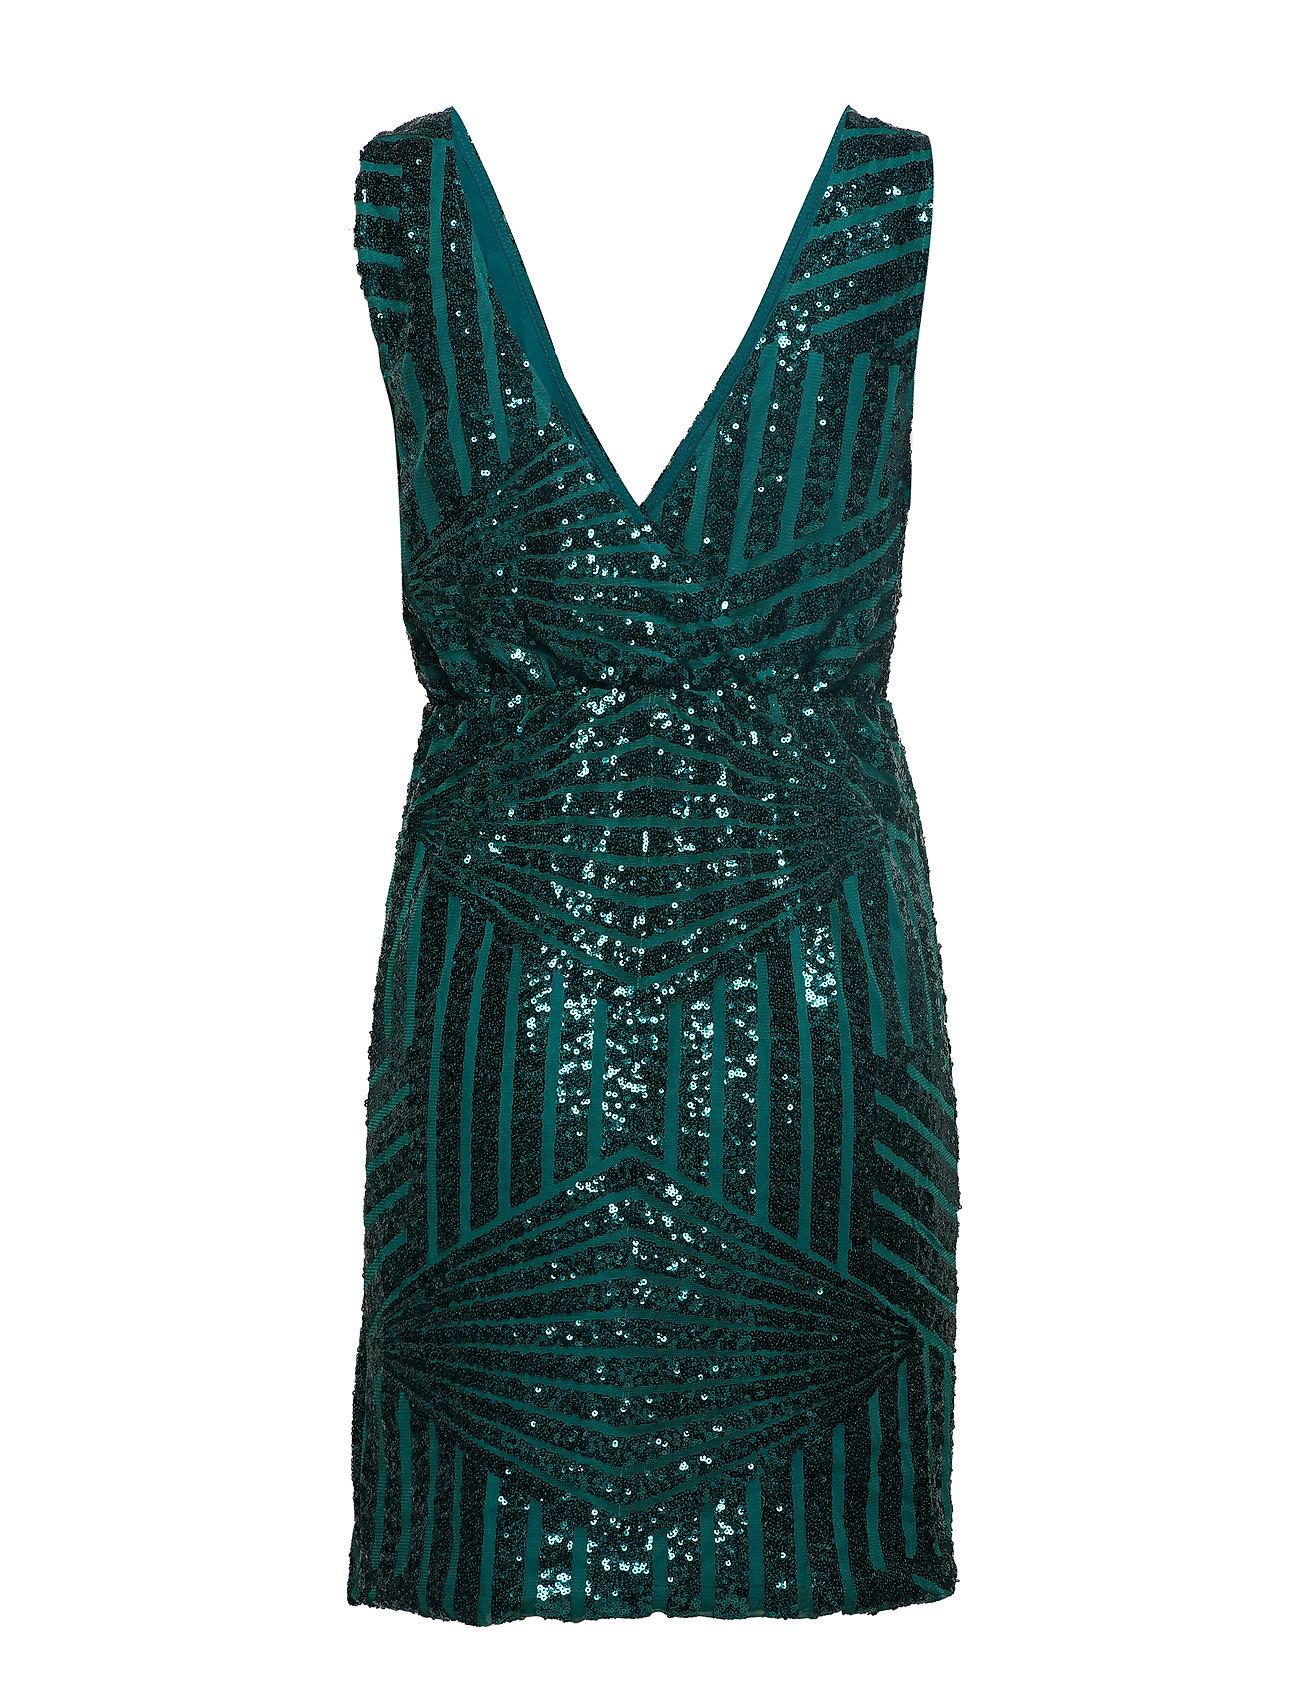 Vila Vimikka S/l Dress (Pine Grove) 305.49 kr   Stort utbud av designermärken hsekLqM2